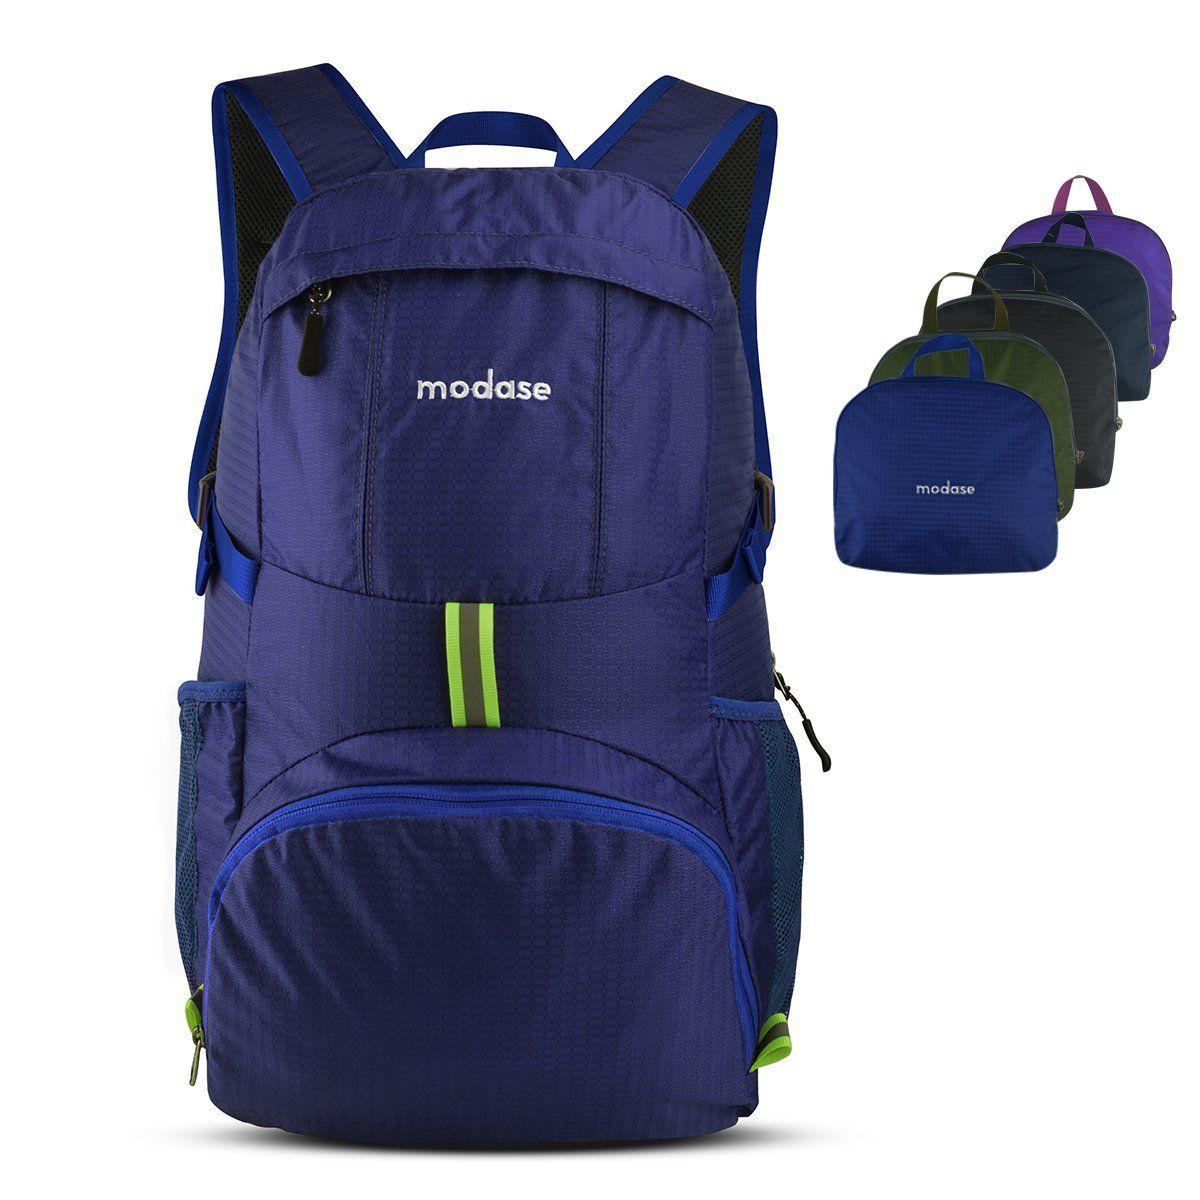 Packable Backpack e22b4b33321de